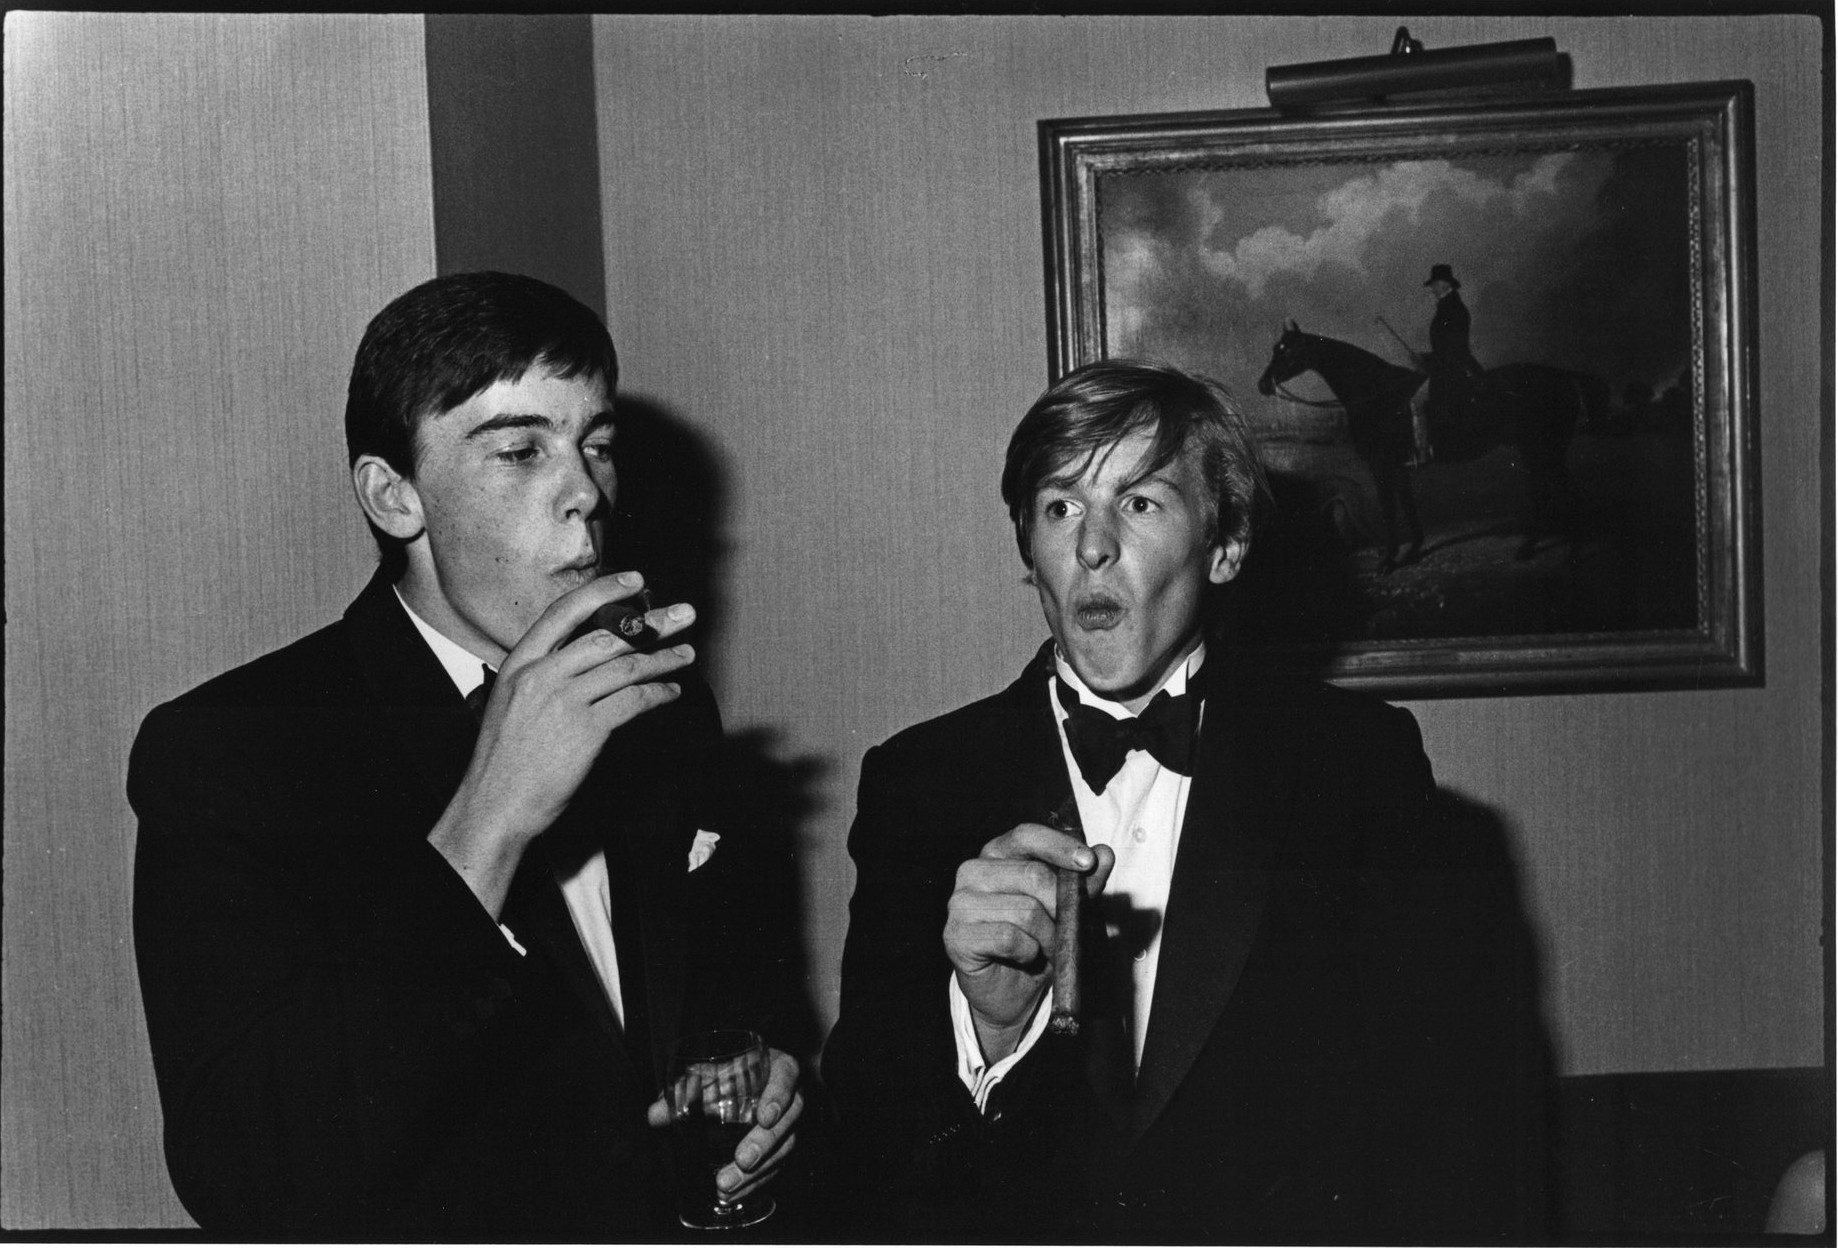 Смотрите и учитесь: краткое пособие по бурному веселью из Англии 80-х (22 фото)